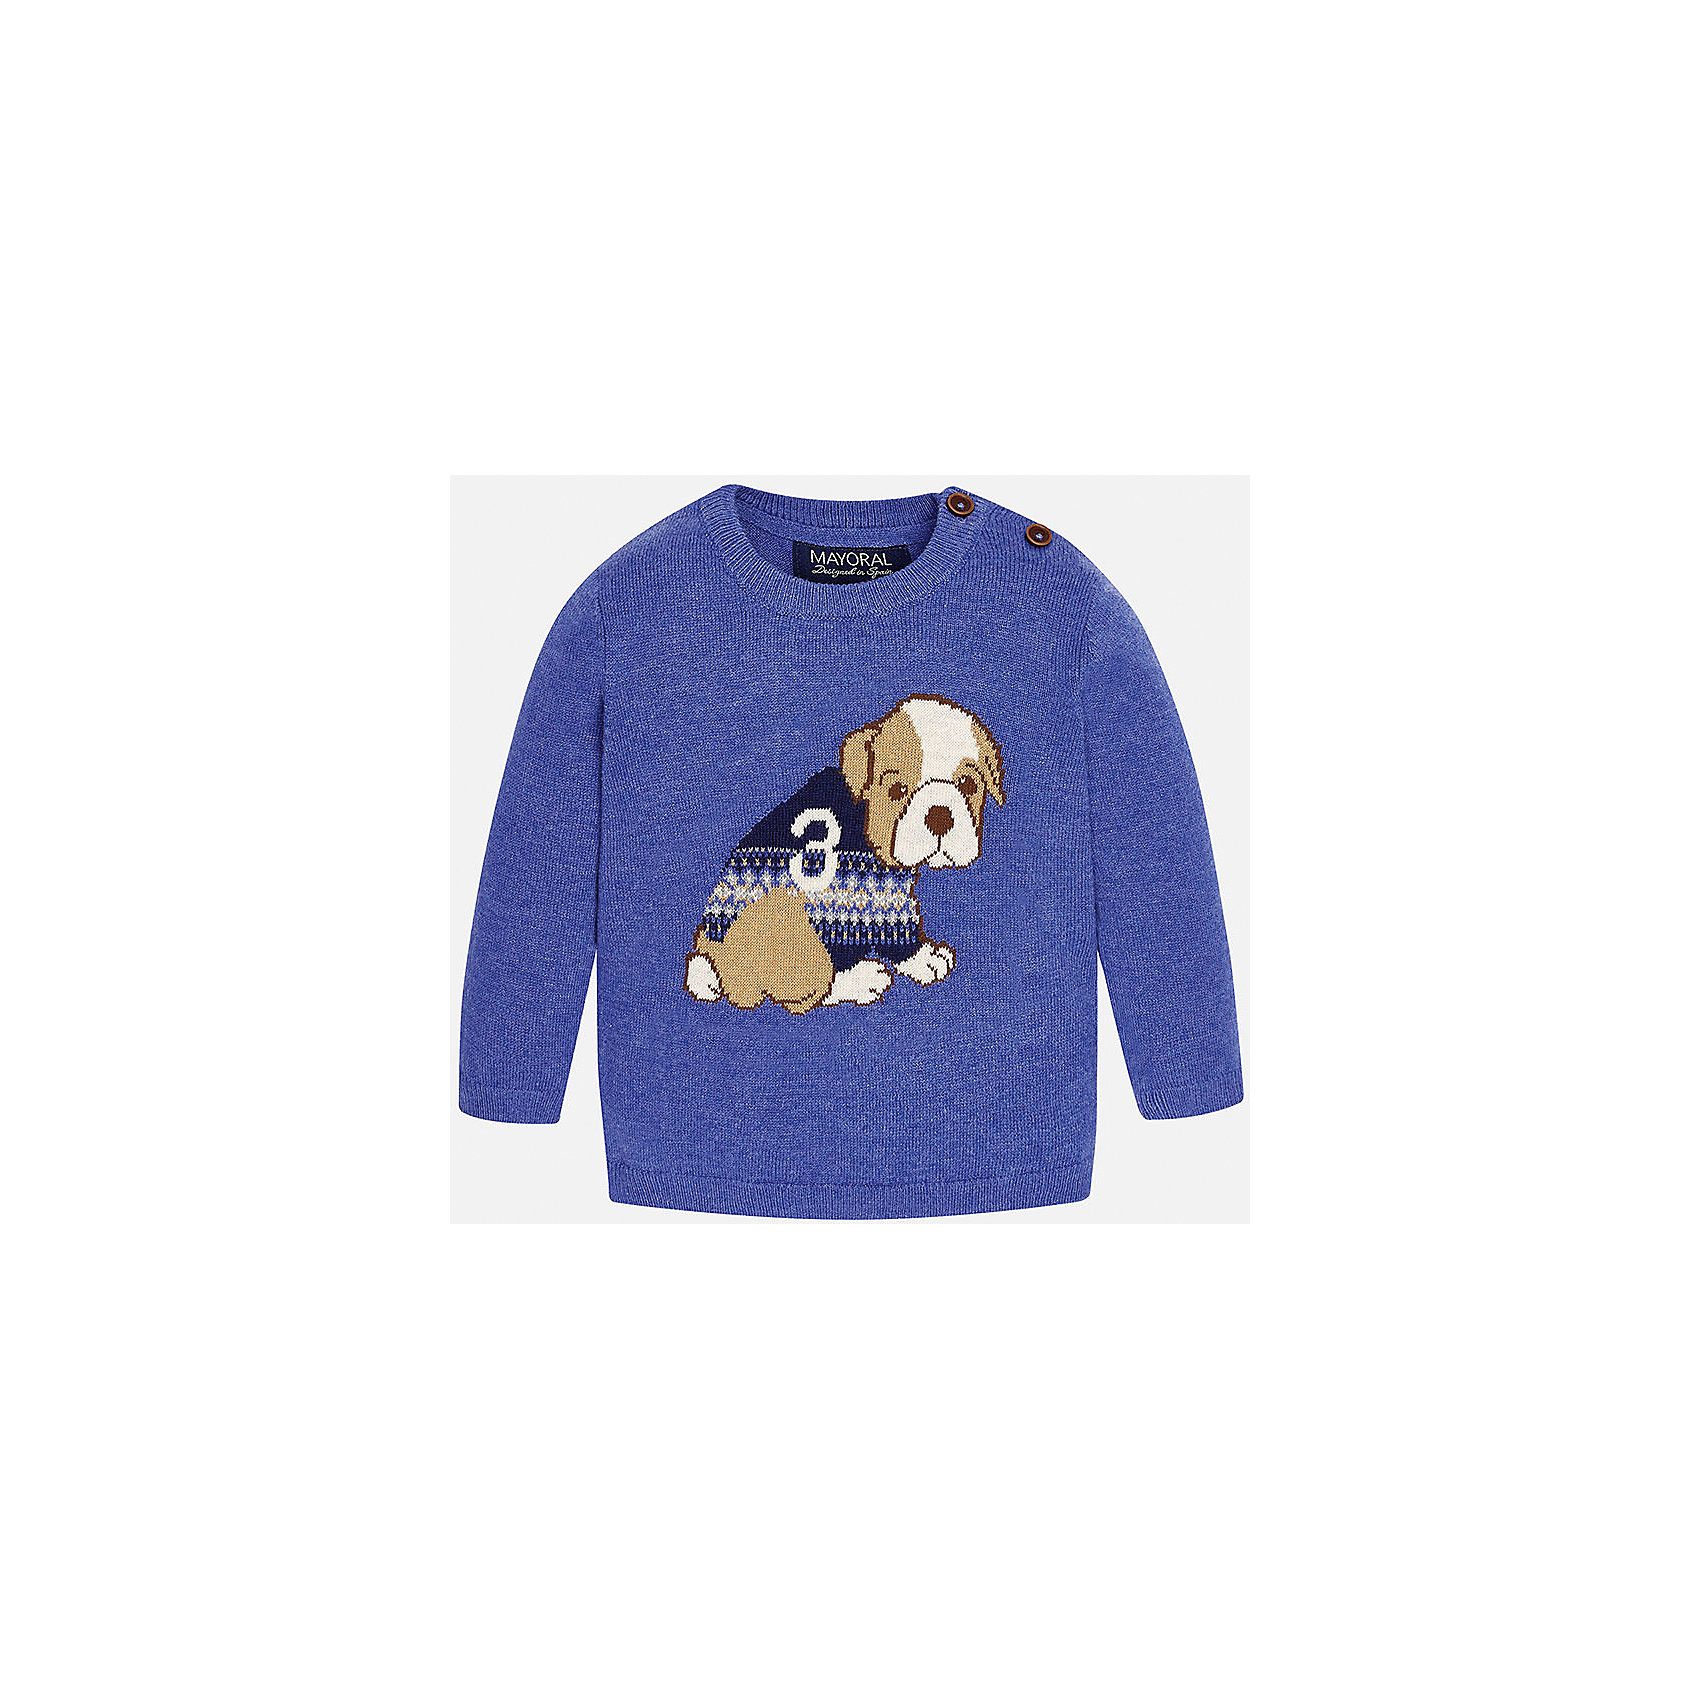 Свитер для мальчика MayoralТолстовки, свитера, кардиганы<br>Свитер для мальчика от известного испанского бренда Mayoral. Изготовлен из качественных дышащих материалов. Имеет 2 пуговицы у ворота и рисунок с собакой спереди. Прекрасный вариант на каждый день!<br>Дополнительная информация:<br>-прямой силуэт<br>-длинные рукава<br>-2 крупных пуговицы у ворота<br>-цвет: фиолетовый<br>-состав: 60% хлопок, 30% полиамид, 10% шерсть<br>Свитер Mayoral можно приобрести в нашем интернет-магазине<br><br>Ширина мм: 190<br>Глубина мм: 74<br>Высота мм: 229<br>Вес г: 236<br>Цвет: лиловый<br>Возраст от месяцев: 6<br>Возраст до месяцев: 9<br>Пол: Мужской<br>Возраст: Детский<br>Размер: 74,92,86,80<br>SKU: 4820611